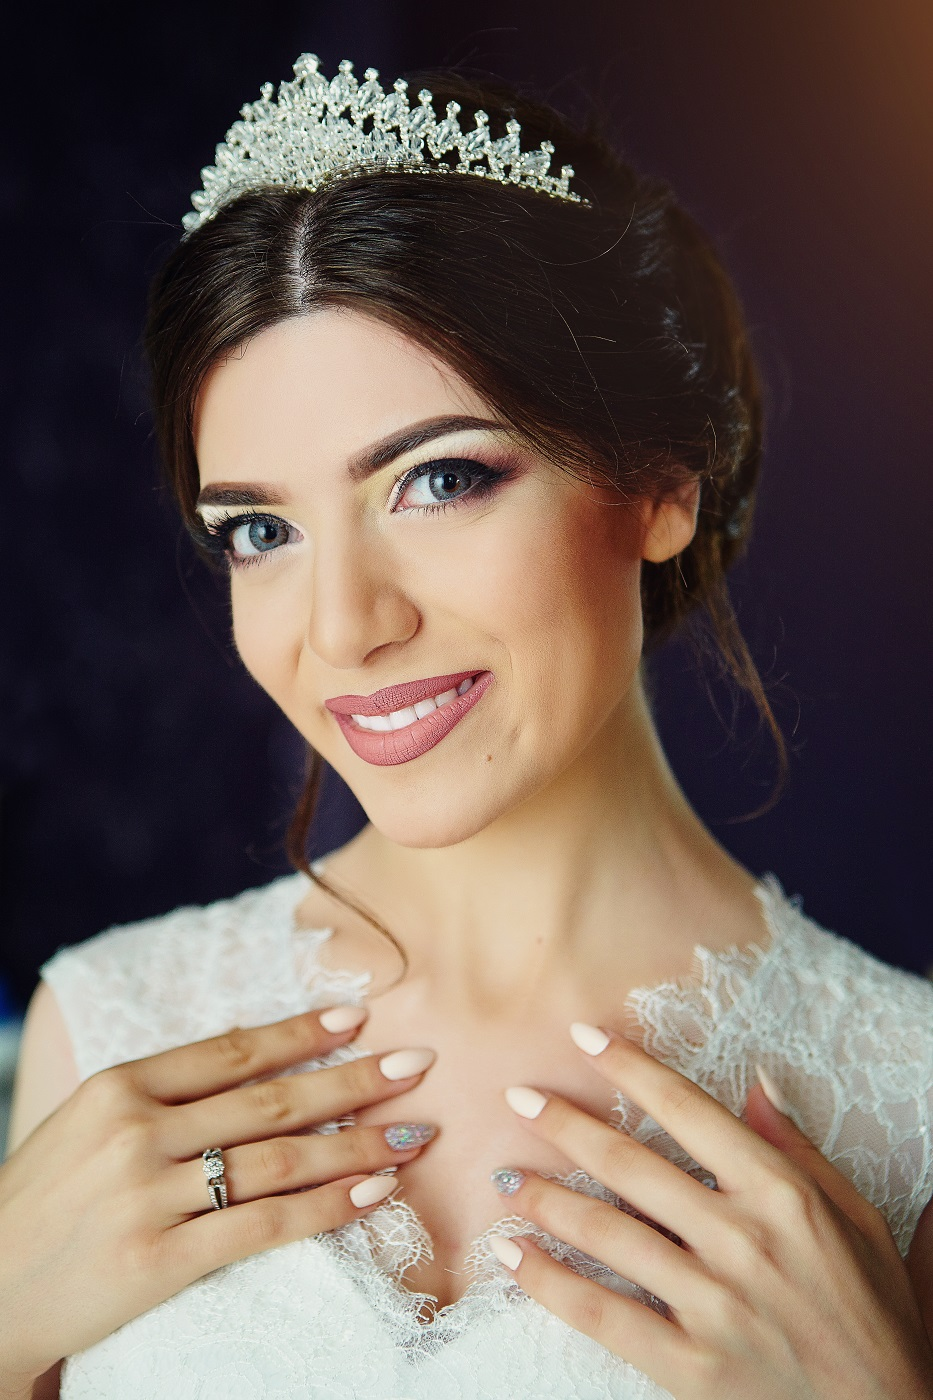 армянские невесты фото сайте мчс опубликован